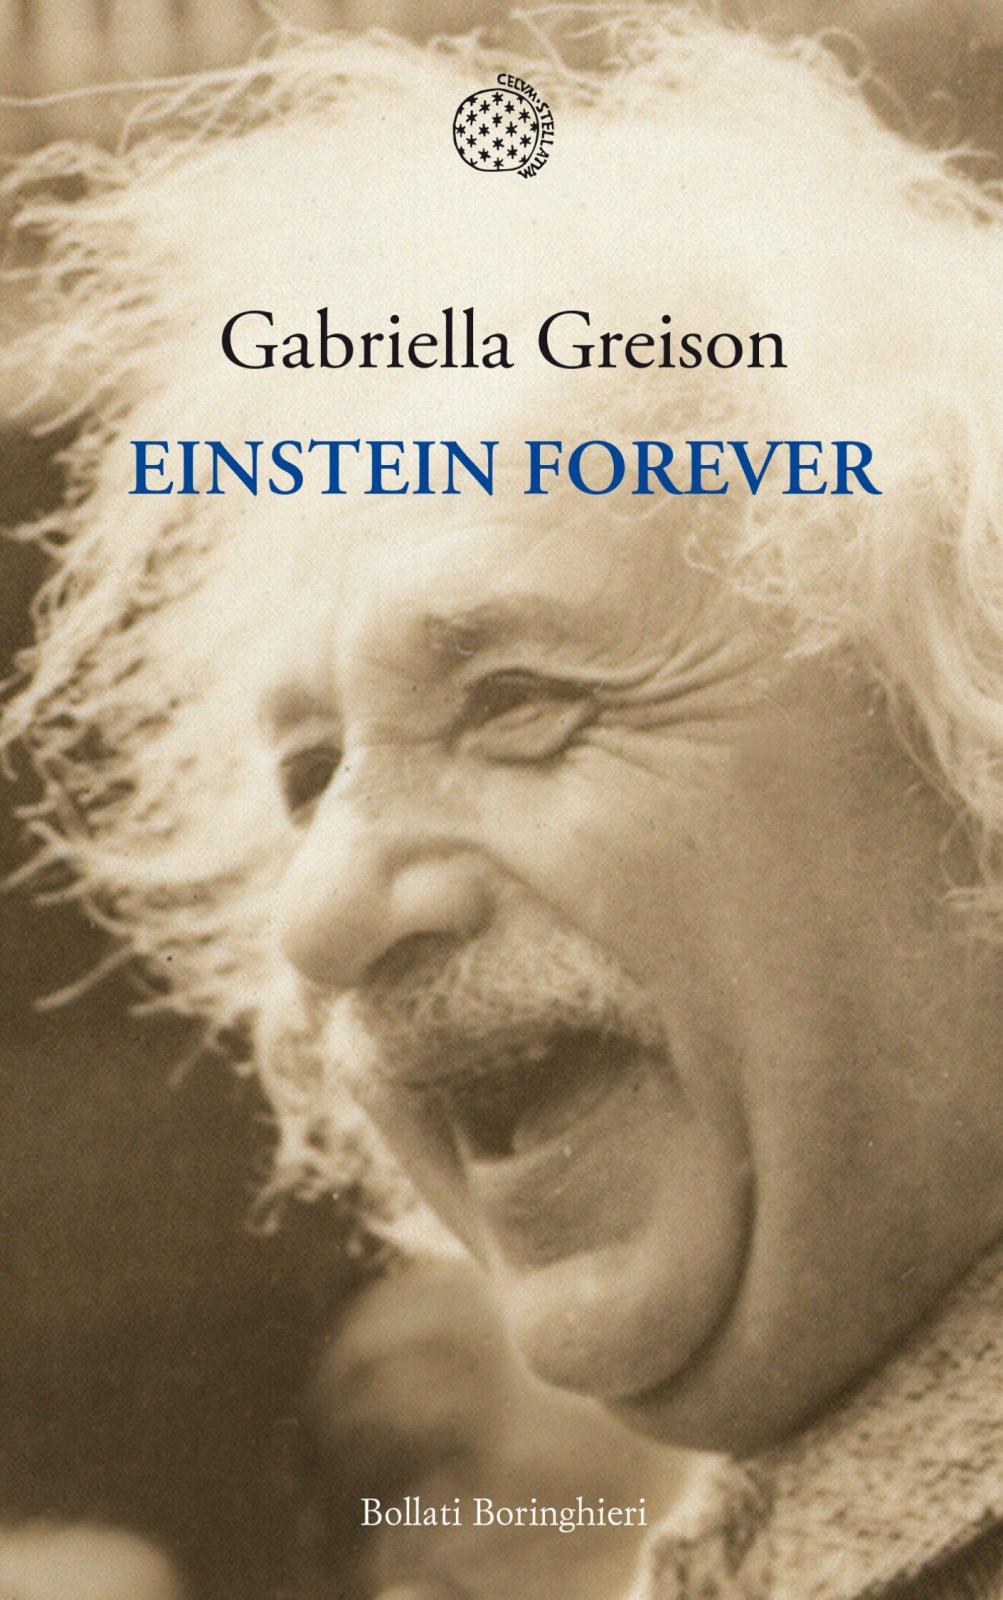 Einstein forevere - Greison